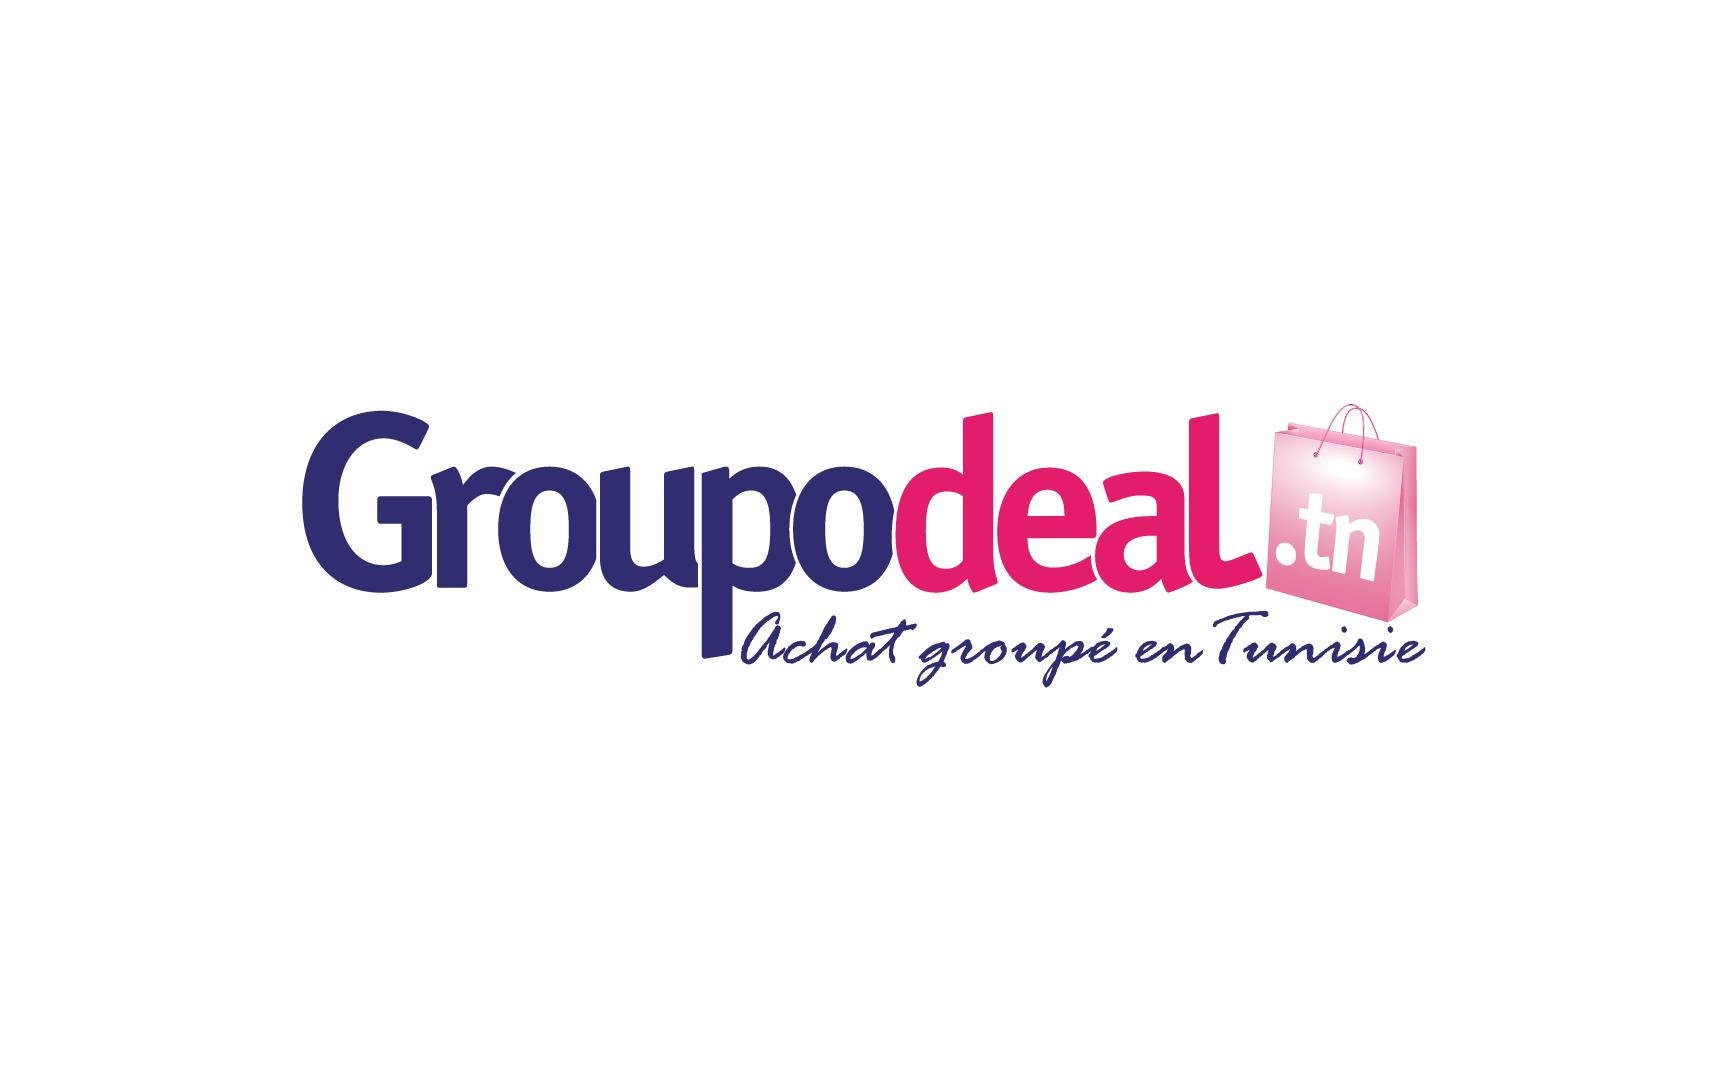 groupodeal-logo